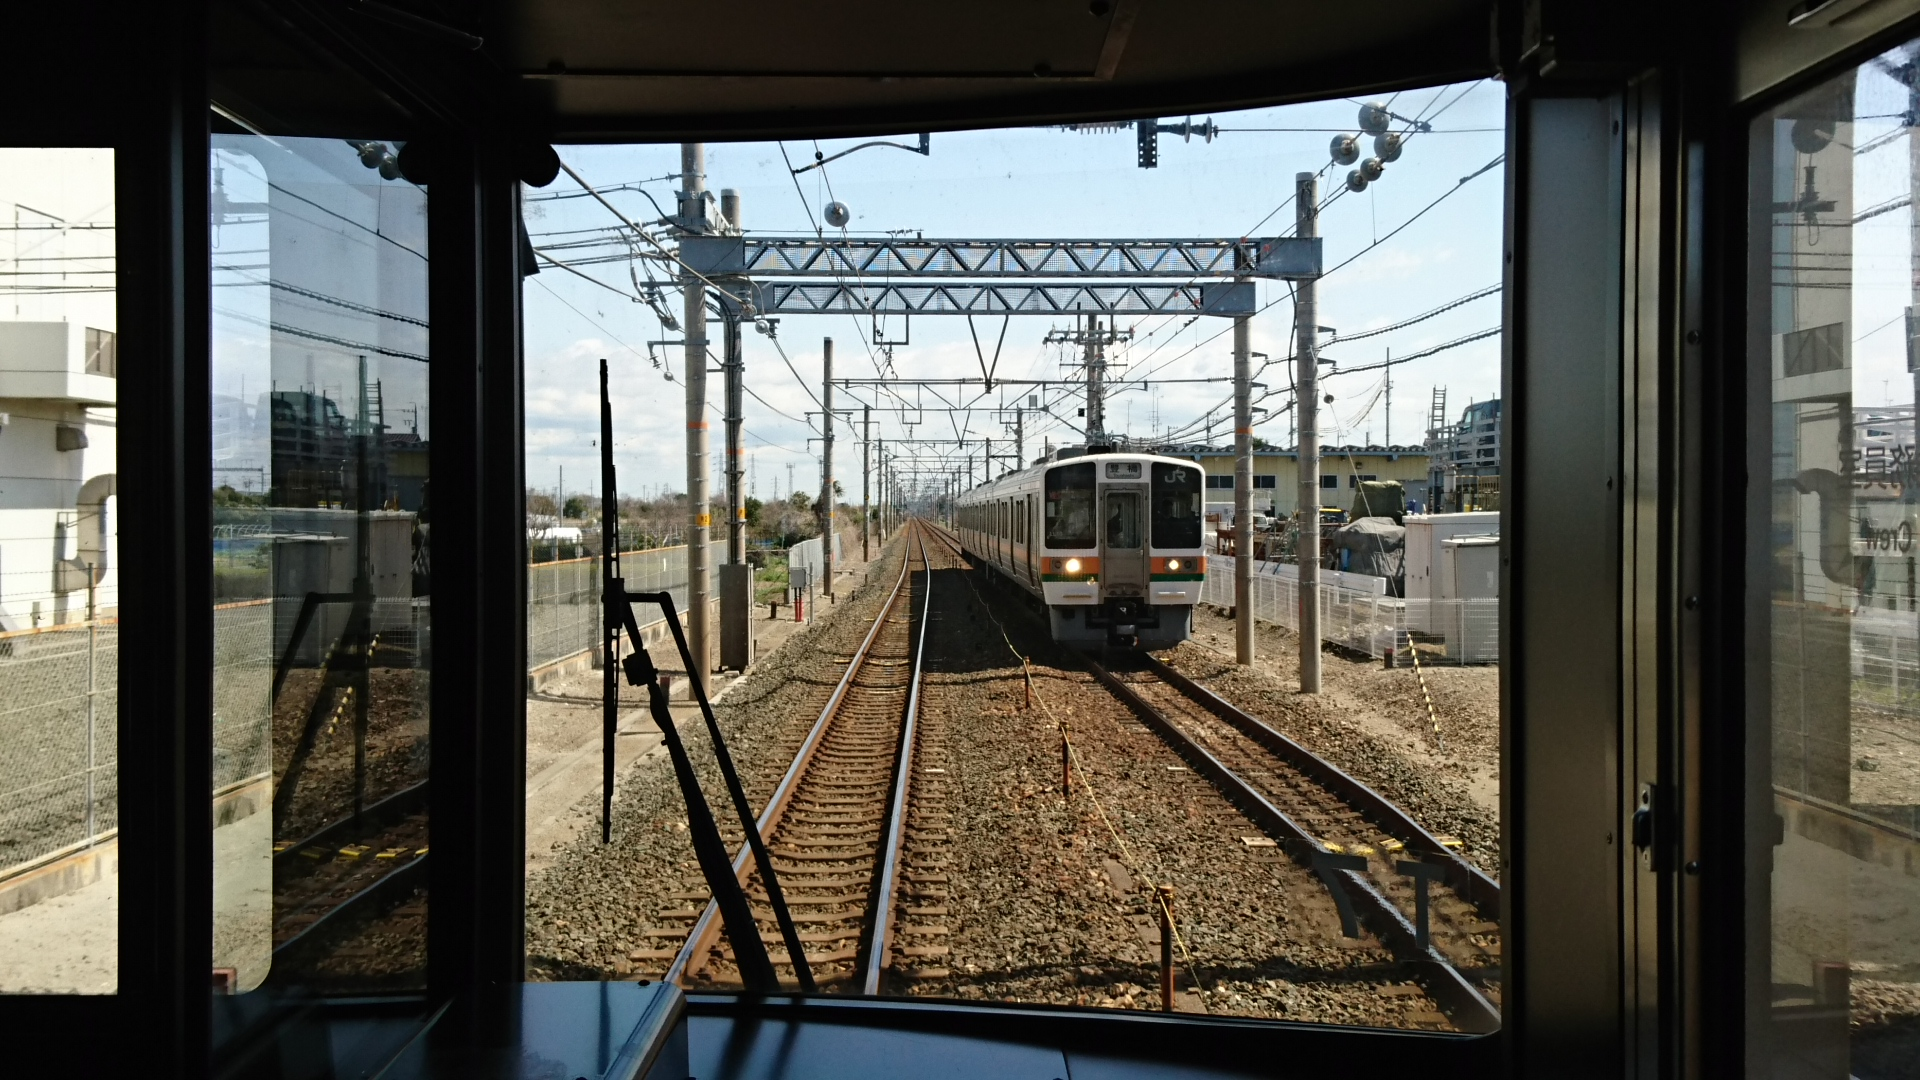 2018.3.23 東海道線 (50) 掛川いきふつう - 舞阪すぎ 1920-1080